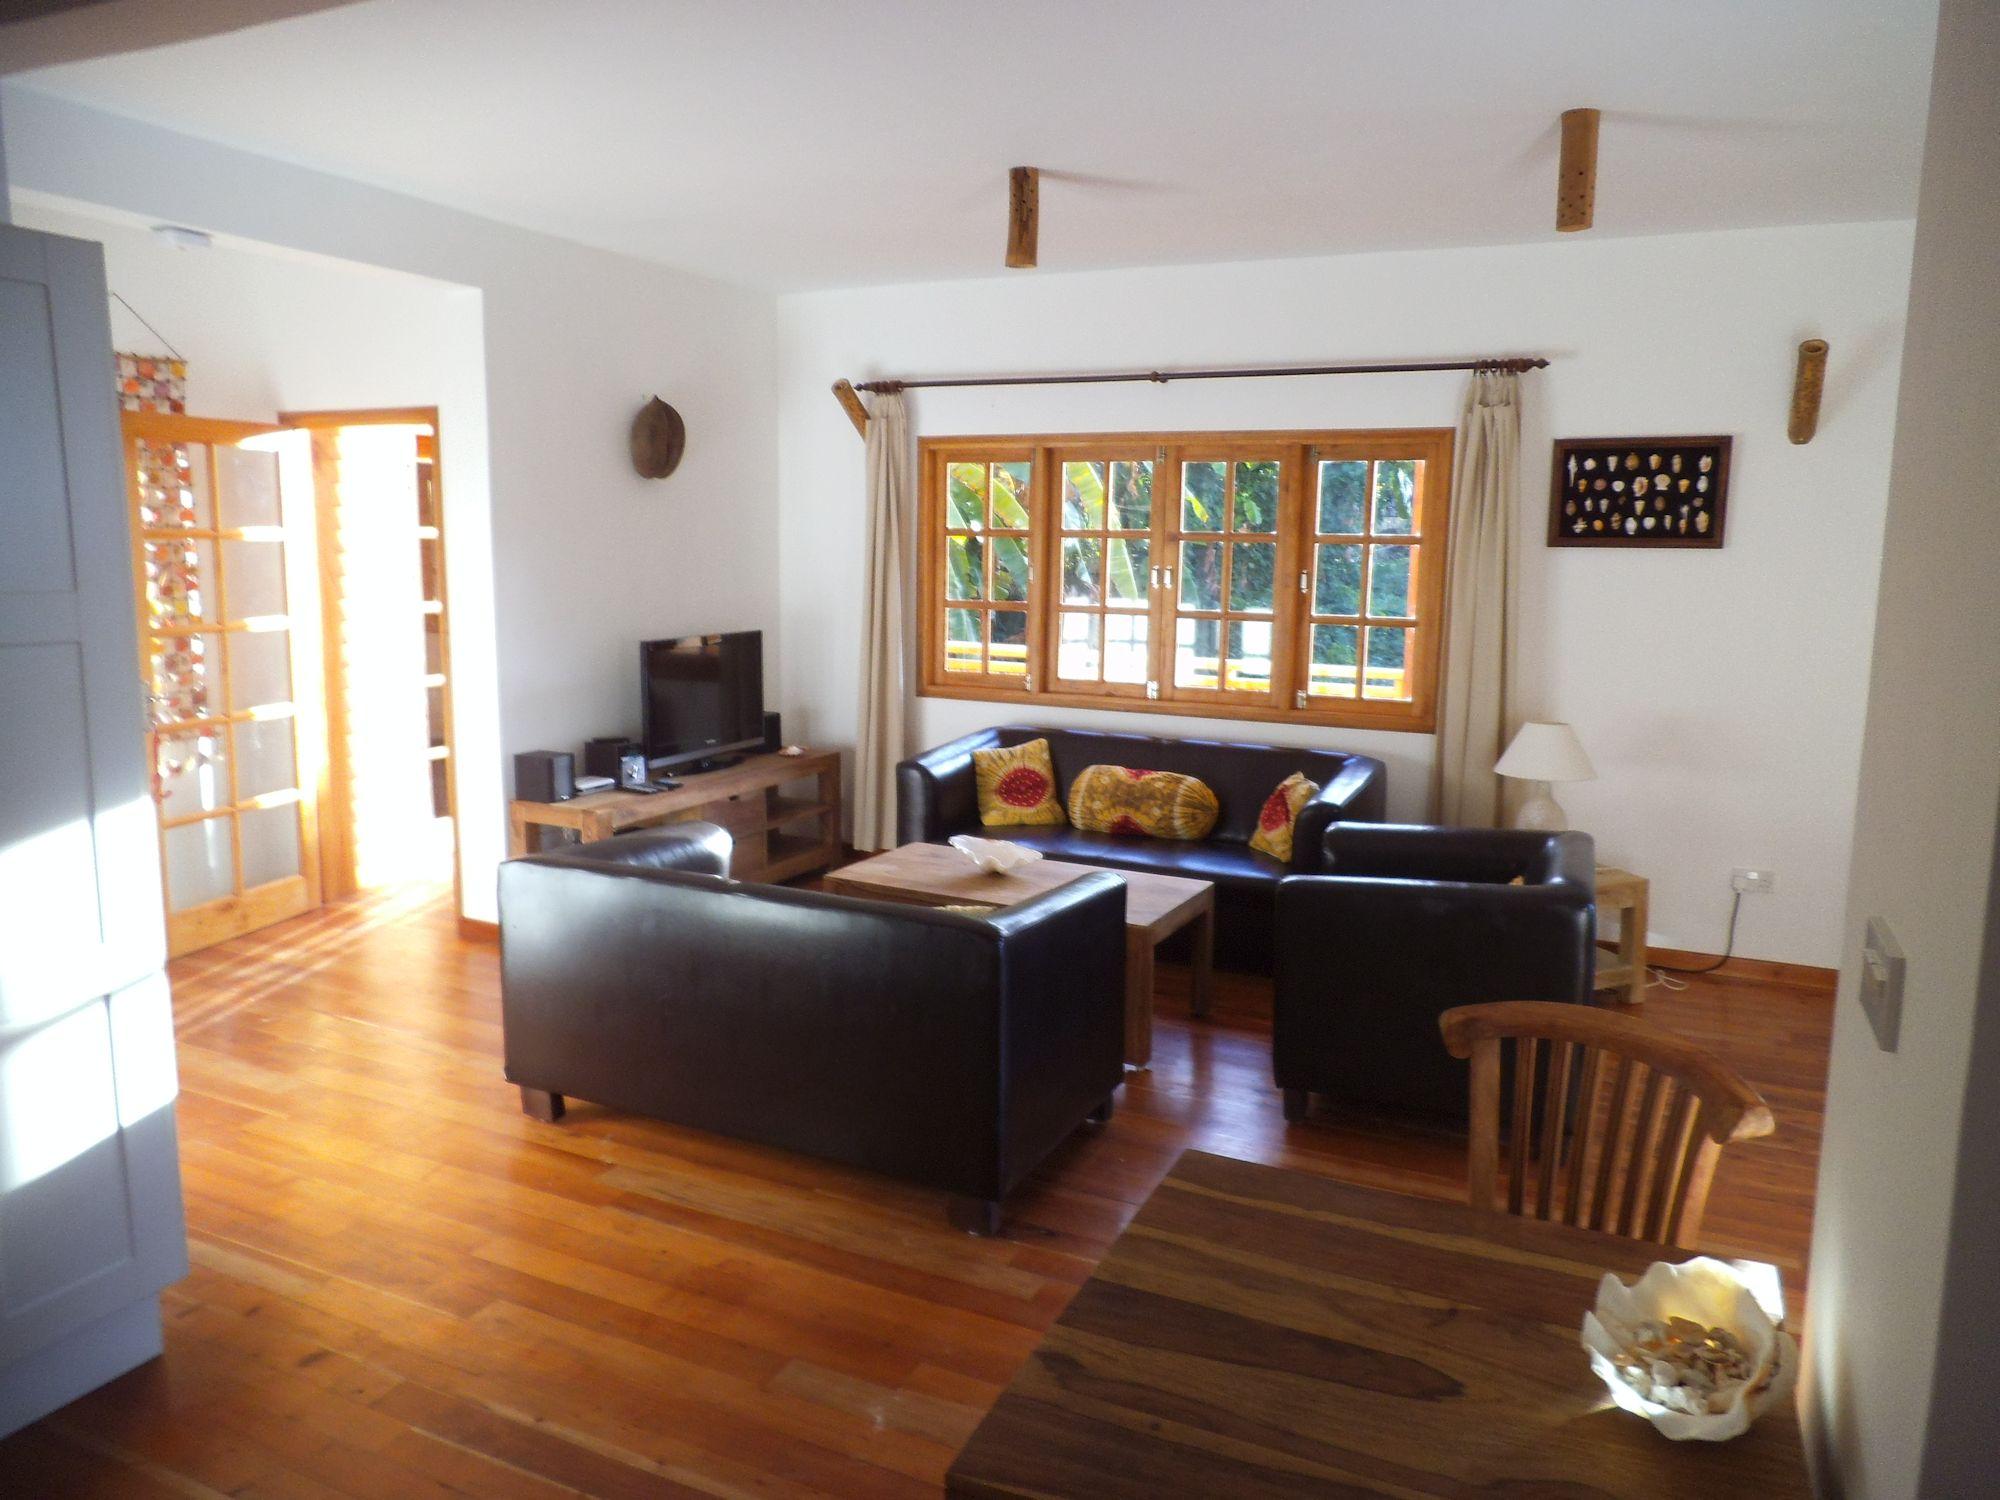 exklusive ferienapartments auf den seychellen eine strandvilla in traumhafter lage an der. Black Bedroom Furniture Sets. Home Design Ideas